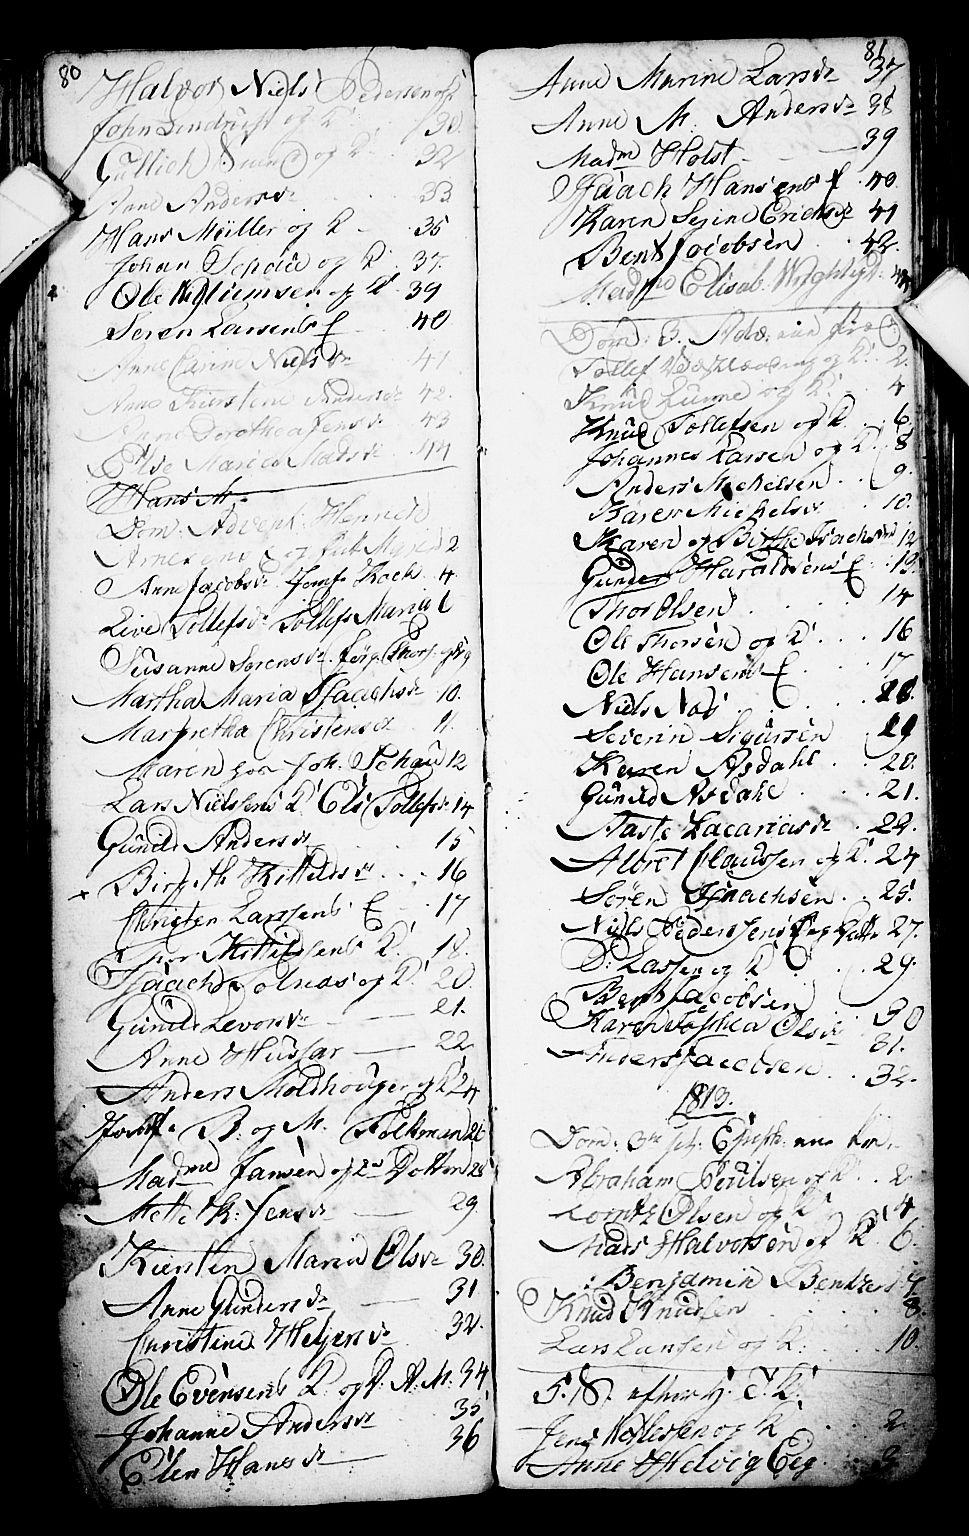 SAKO, Porsgrunn kirkebøker , G/Ga/L0001: Klokkerbok nr. I 1, 1766-1790, s. 80-81